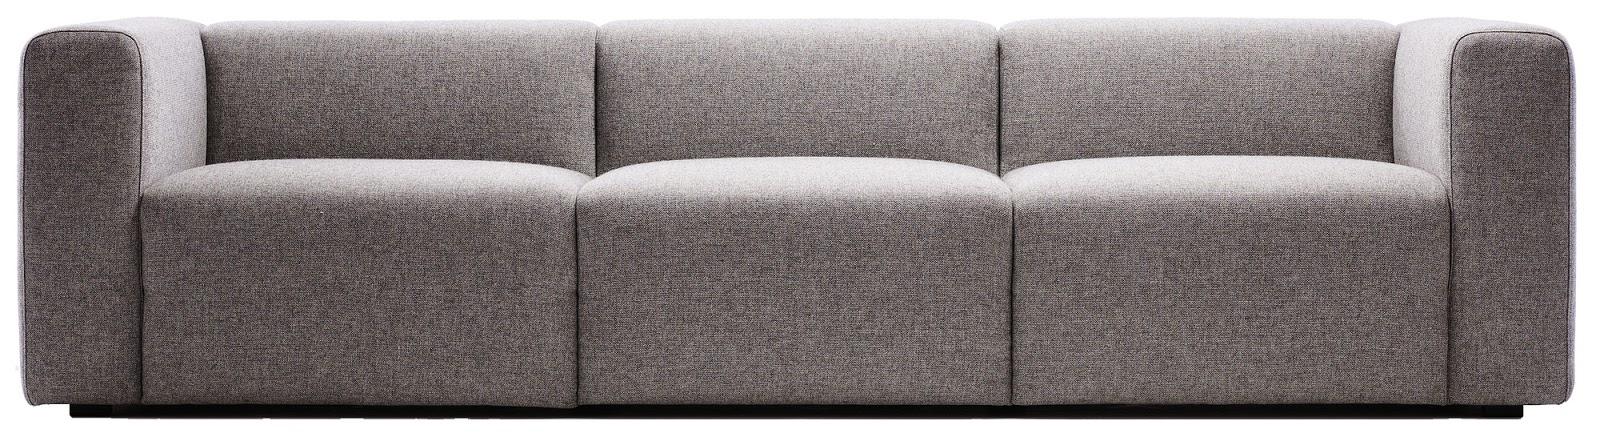 Wonderful designspirit: Mags sofaen fra Hay, og litt om materialer... SR-69